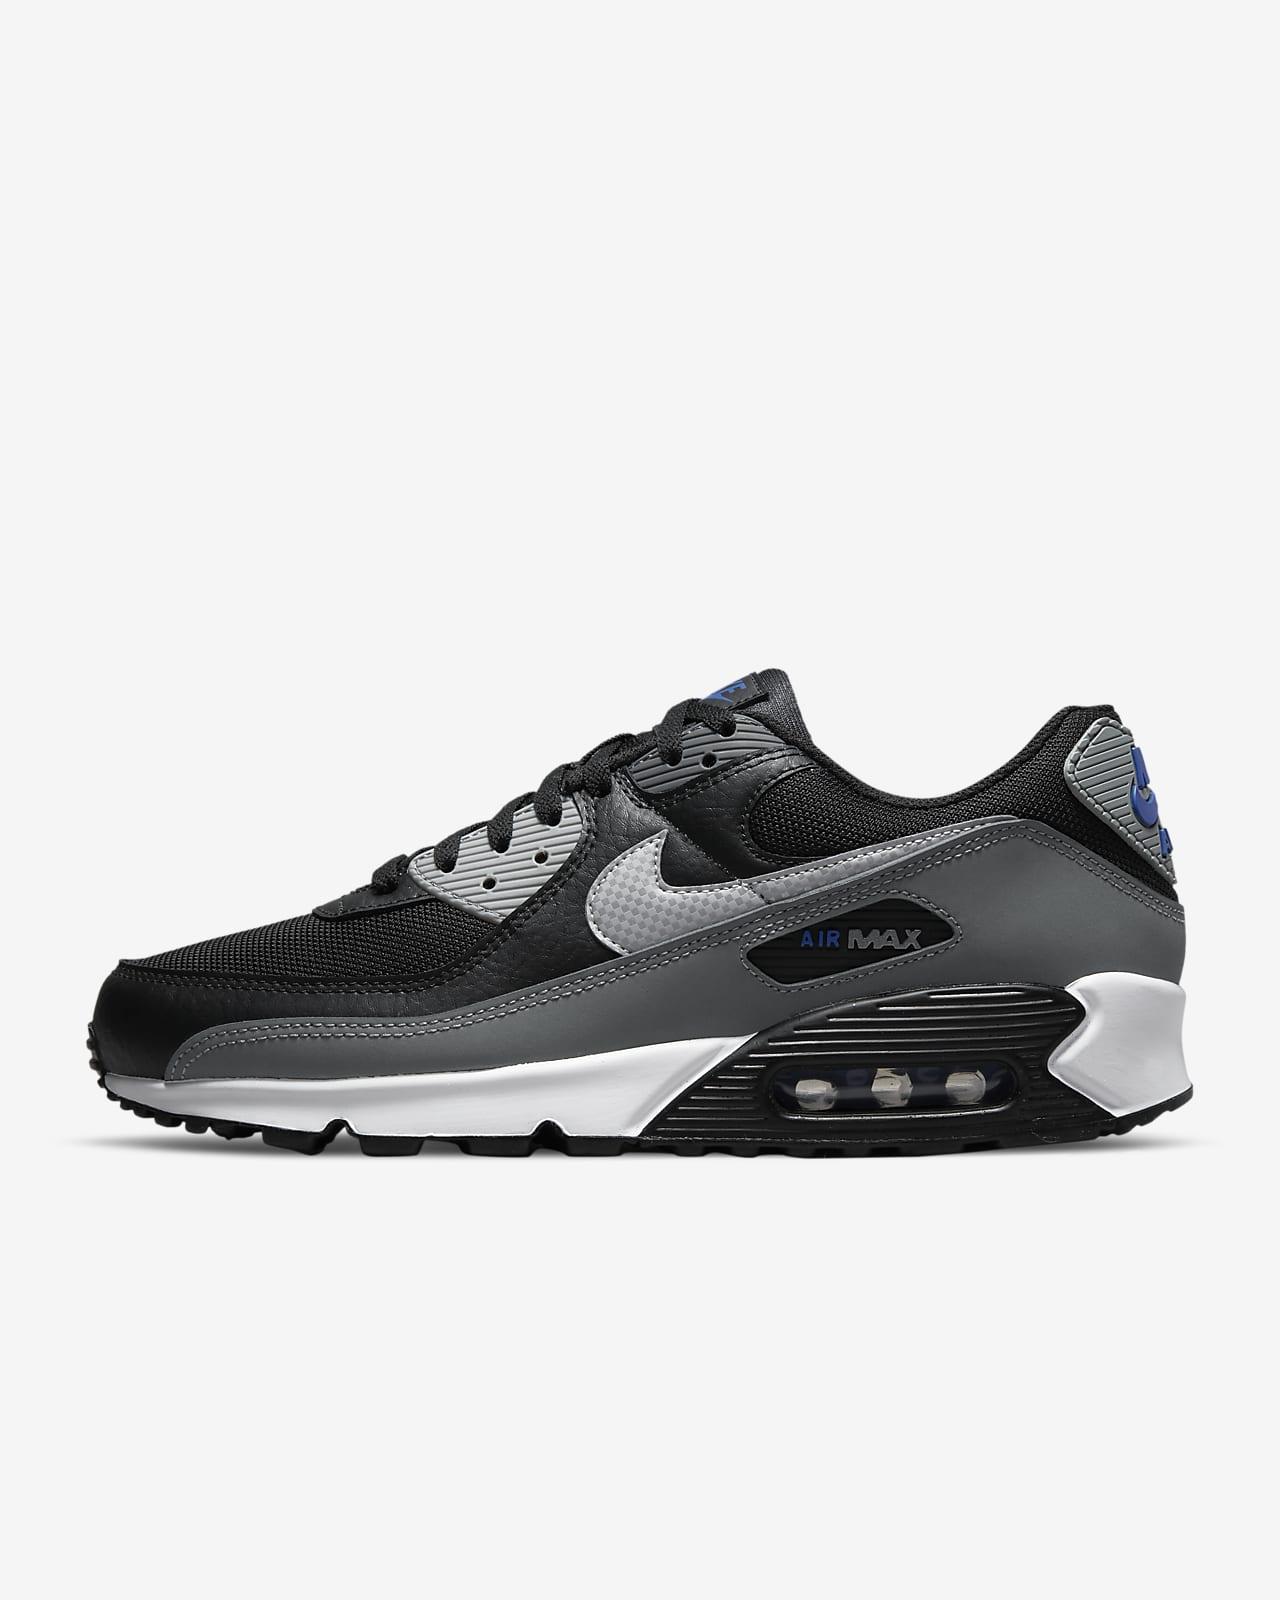 Ανδρικά παπούτσια Nike Air Max 90